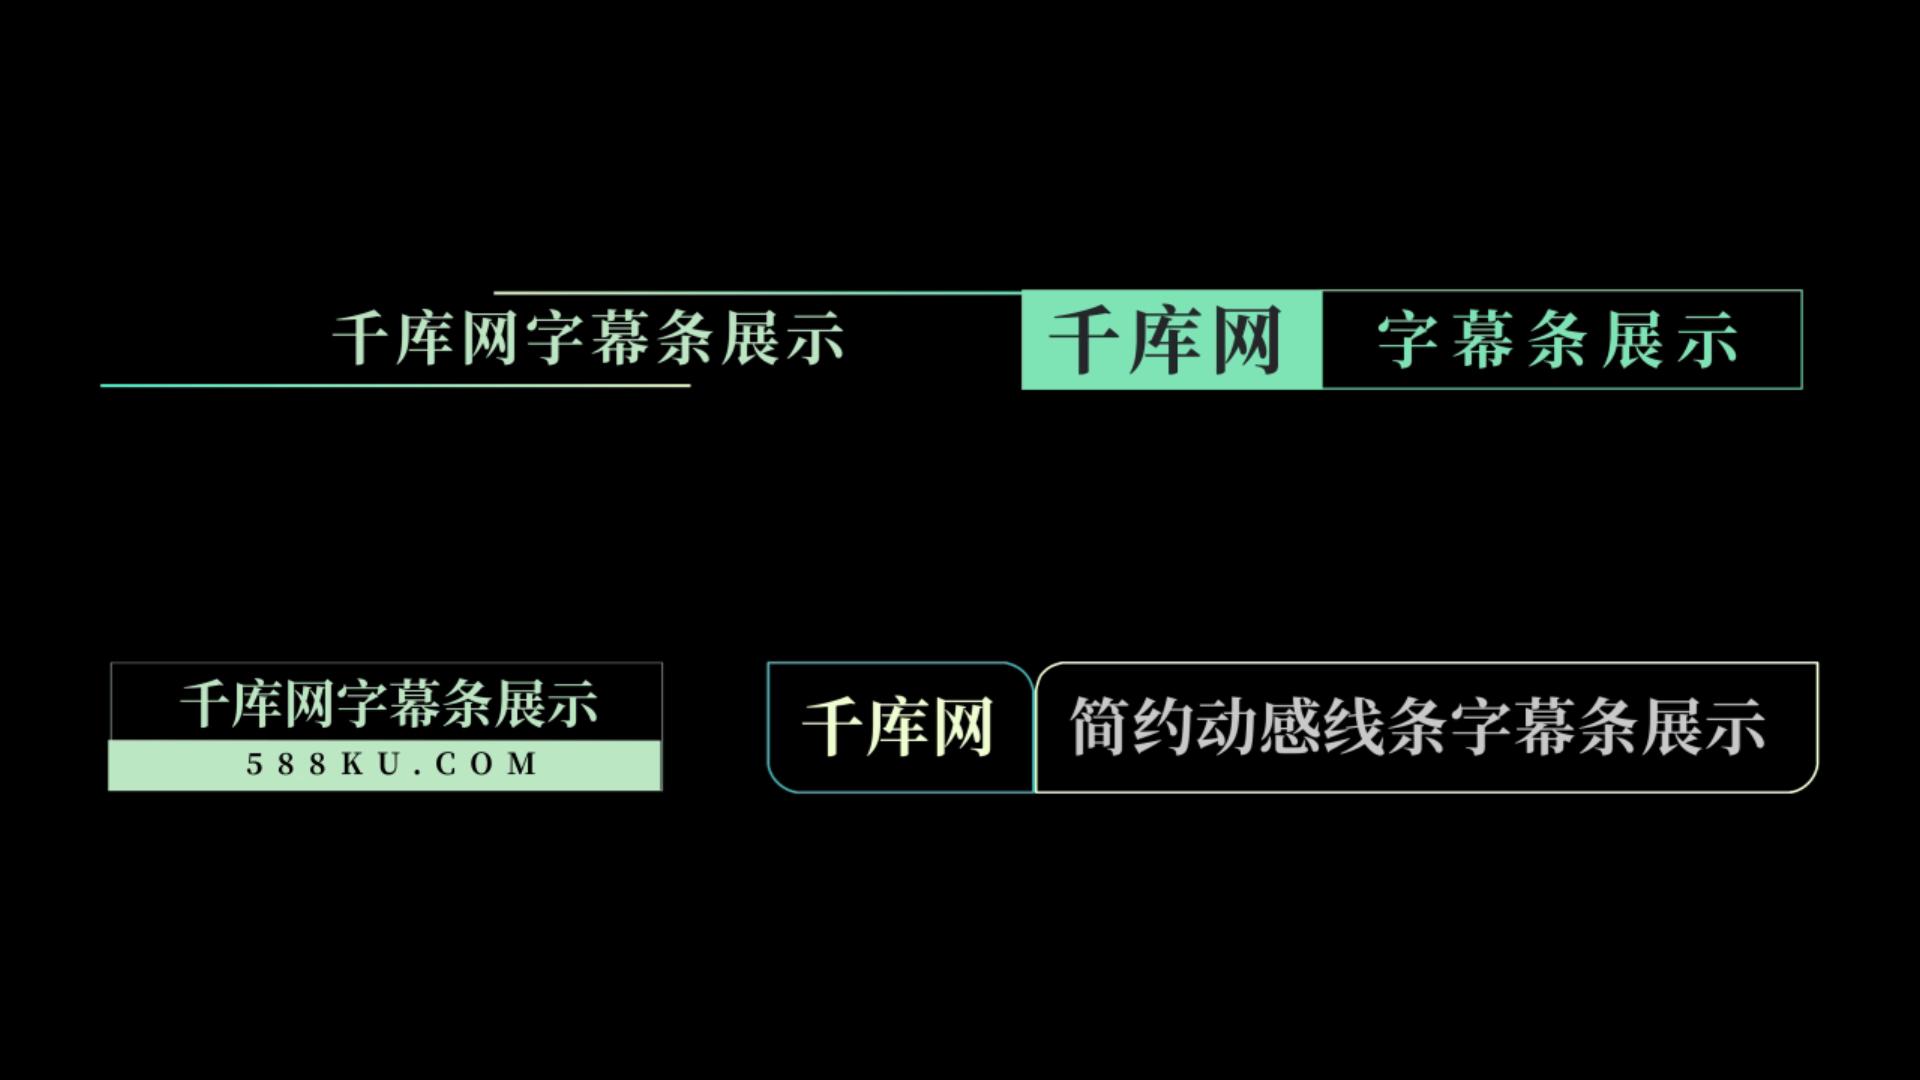 簡約圖形線條字幕條展示PR模板